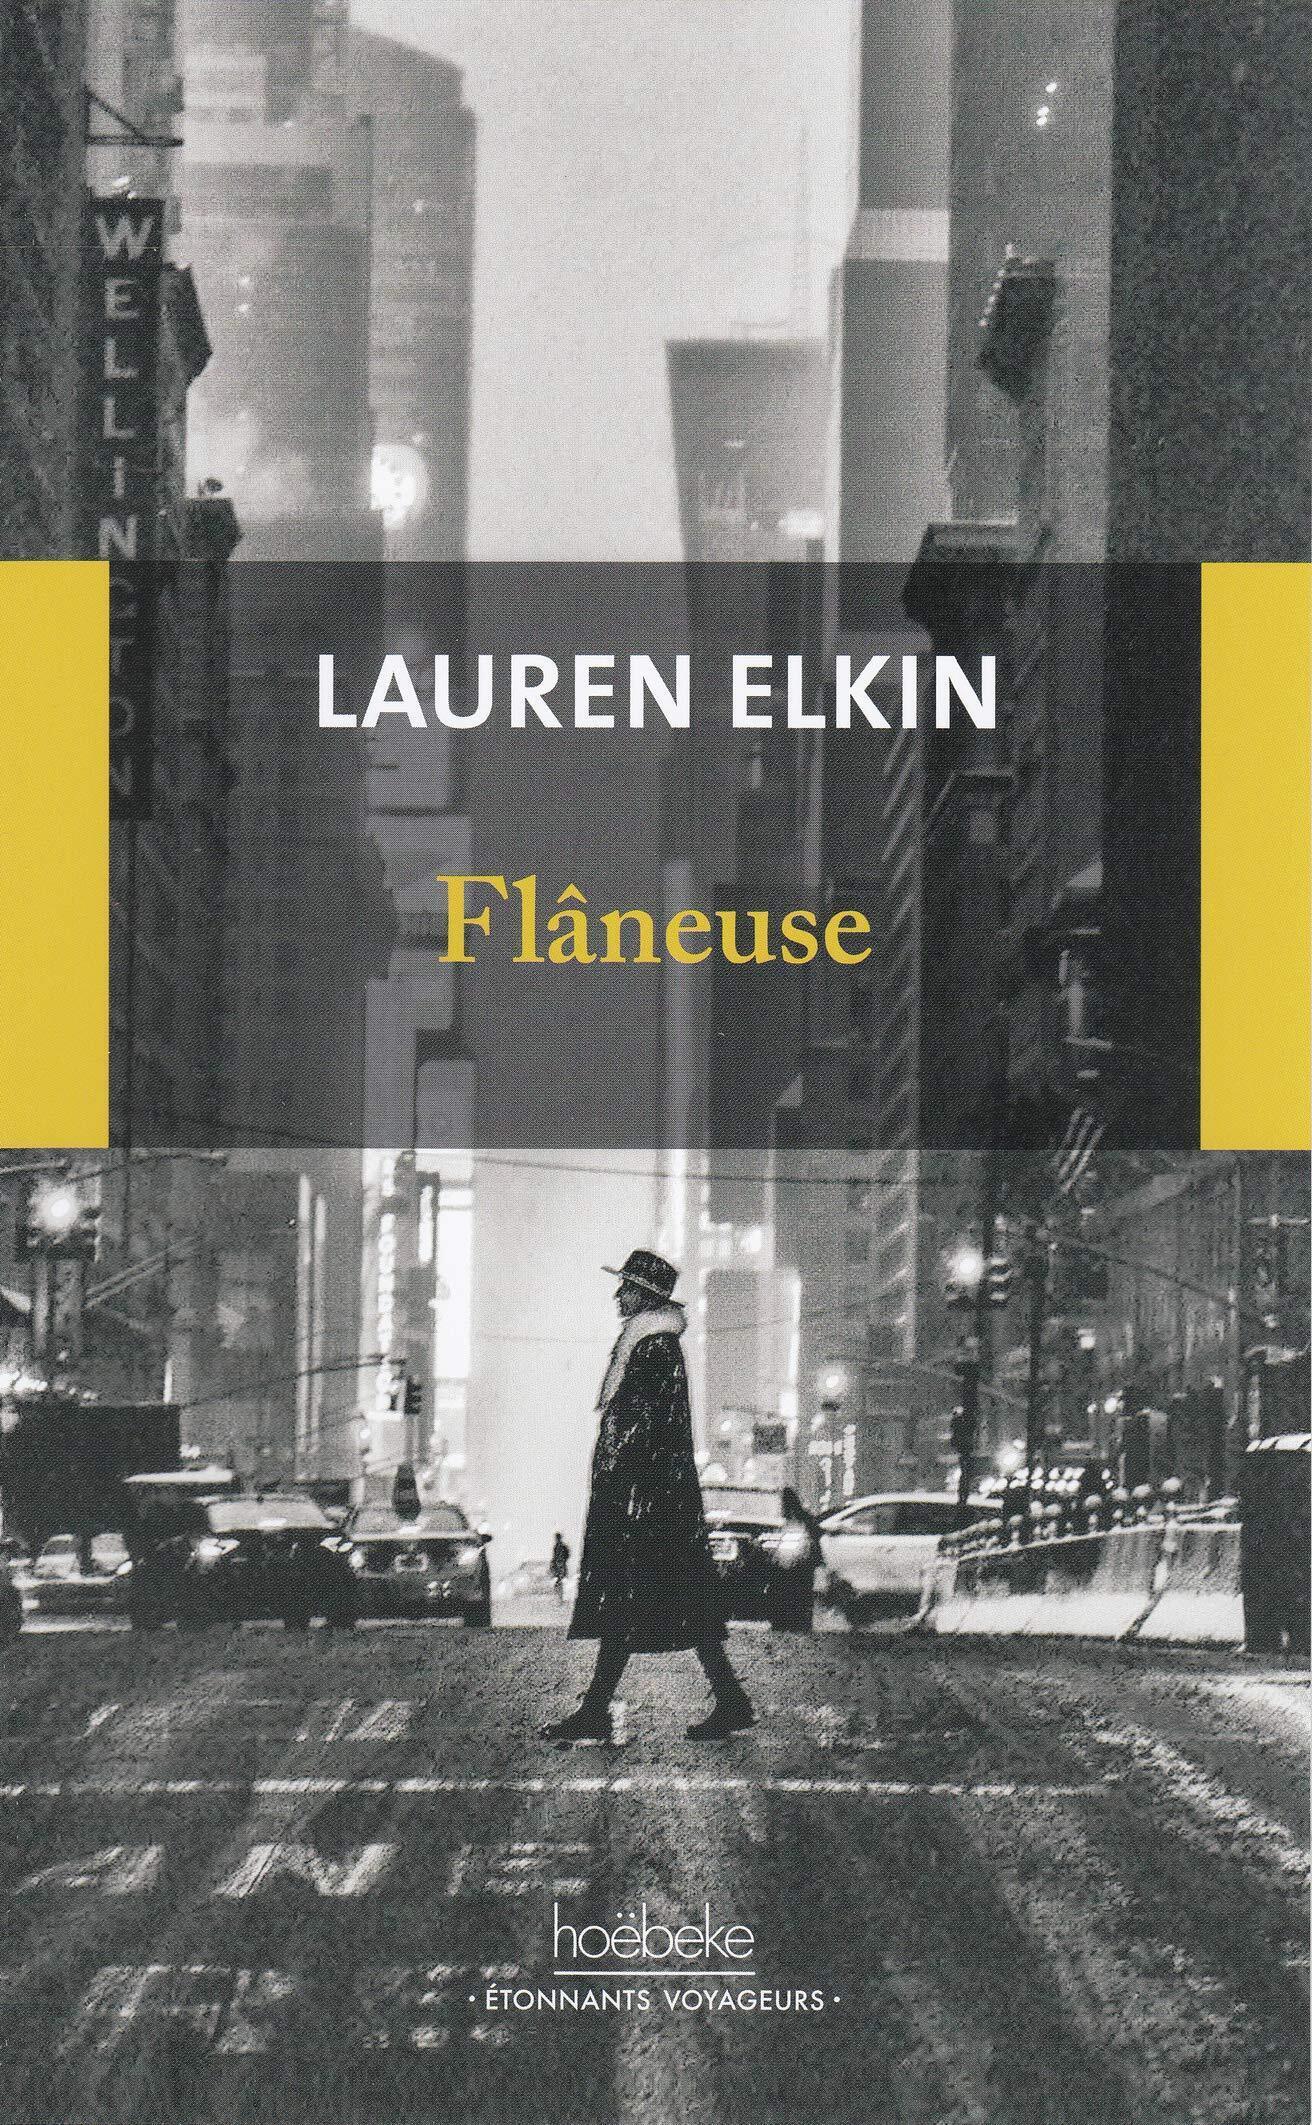 Couverture française du livre de Lauren Elkin